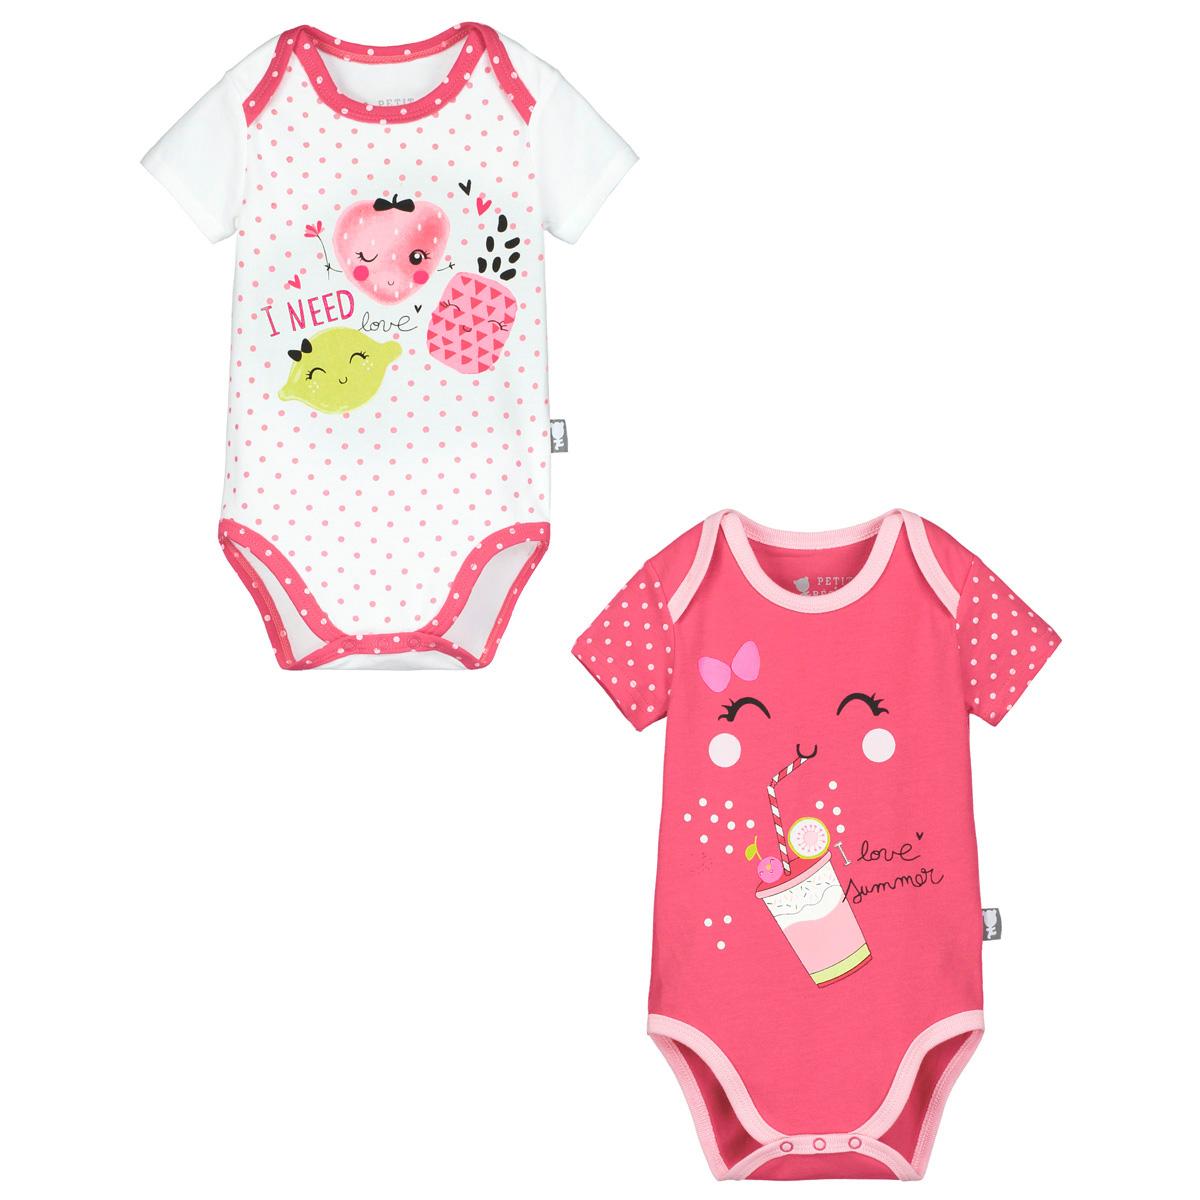 Lot de 2 bodies manches courtes bébé fille Strawberry